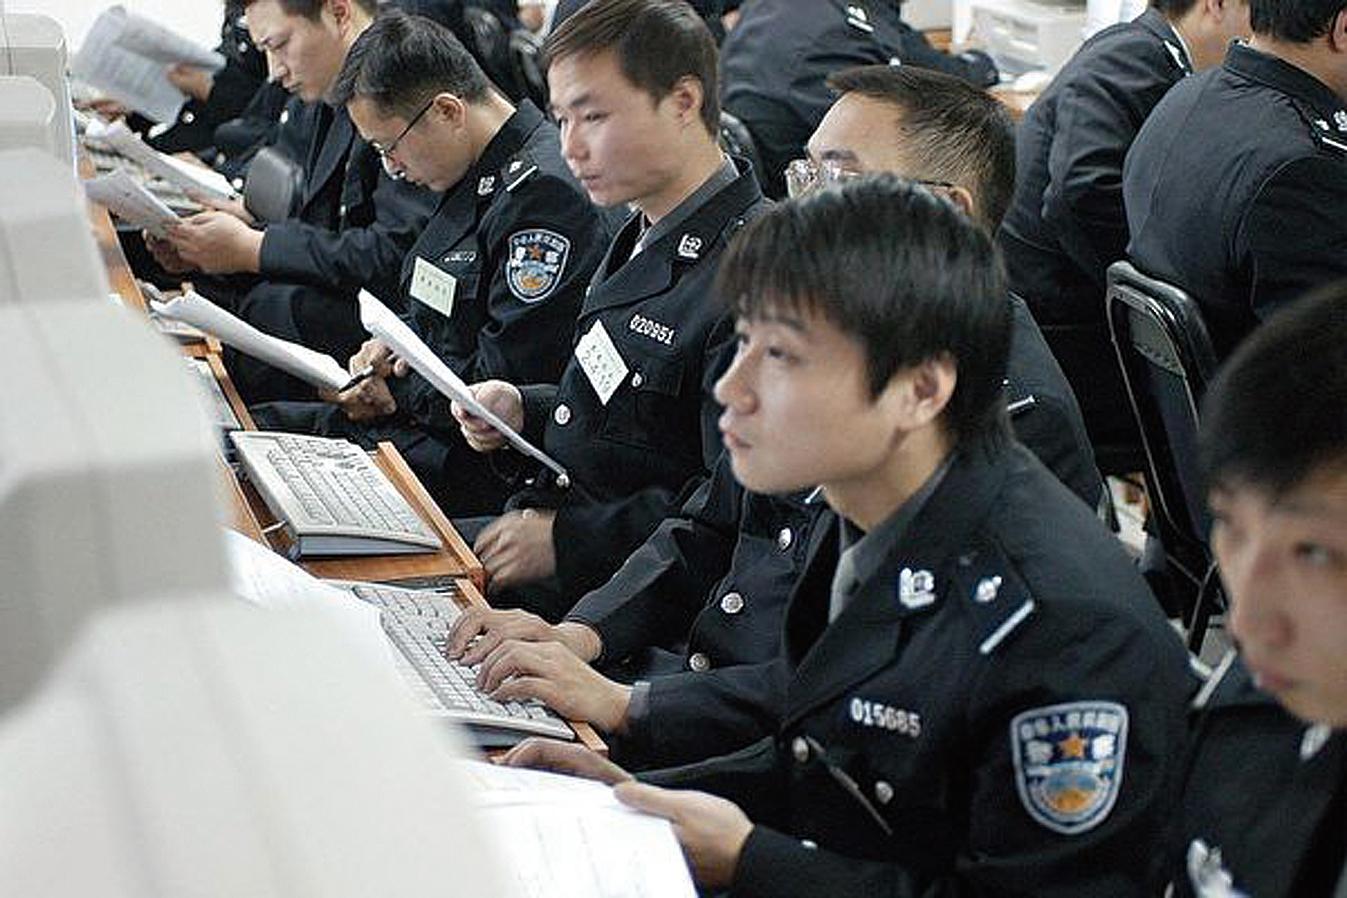 中共黑客多年來一直試圖入侵美國技術服務商的網絡,美國媒體報道說,司法部將在本周開始對中共黑客組織提起刑事指控,該案可能是有史以來的最重大案件。(Getty Images)